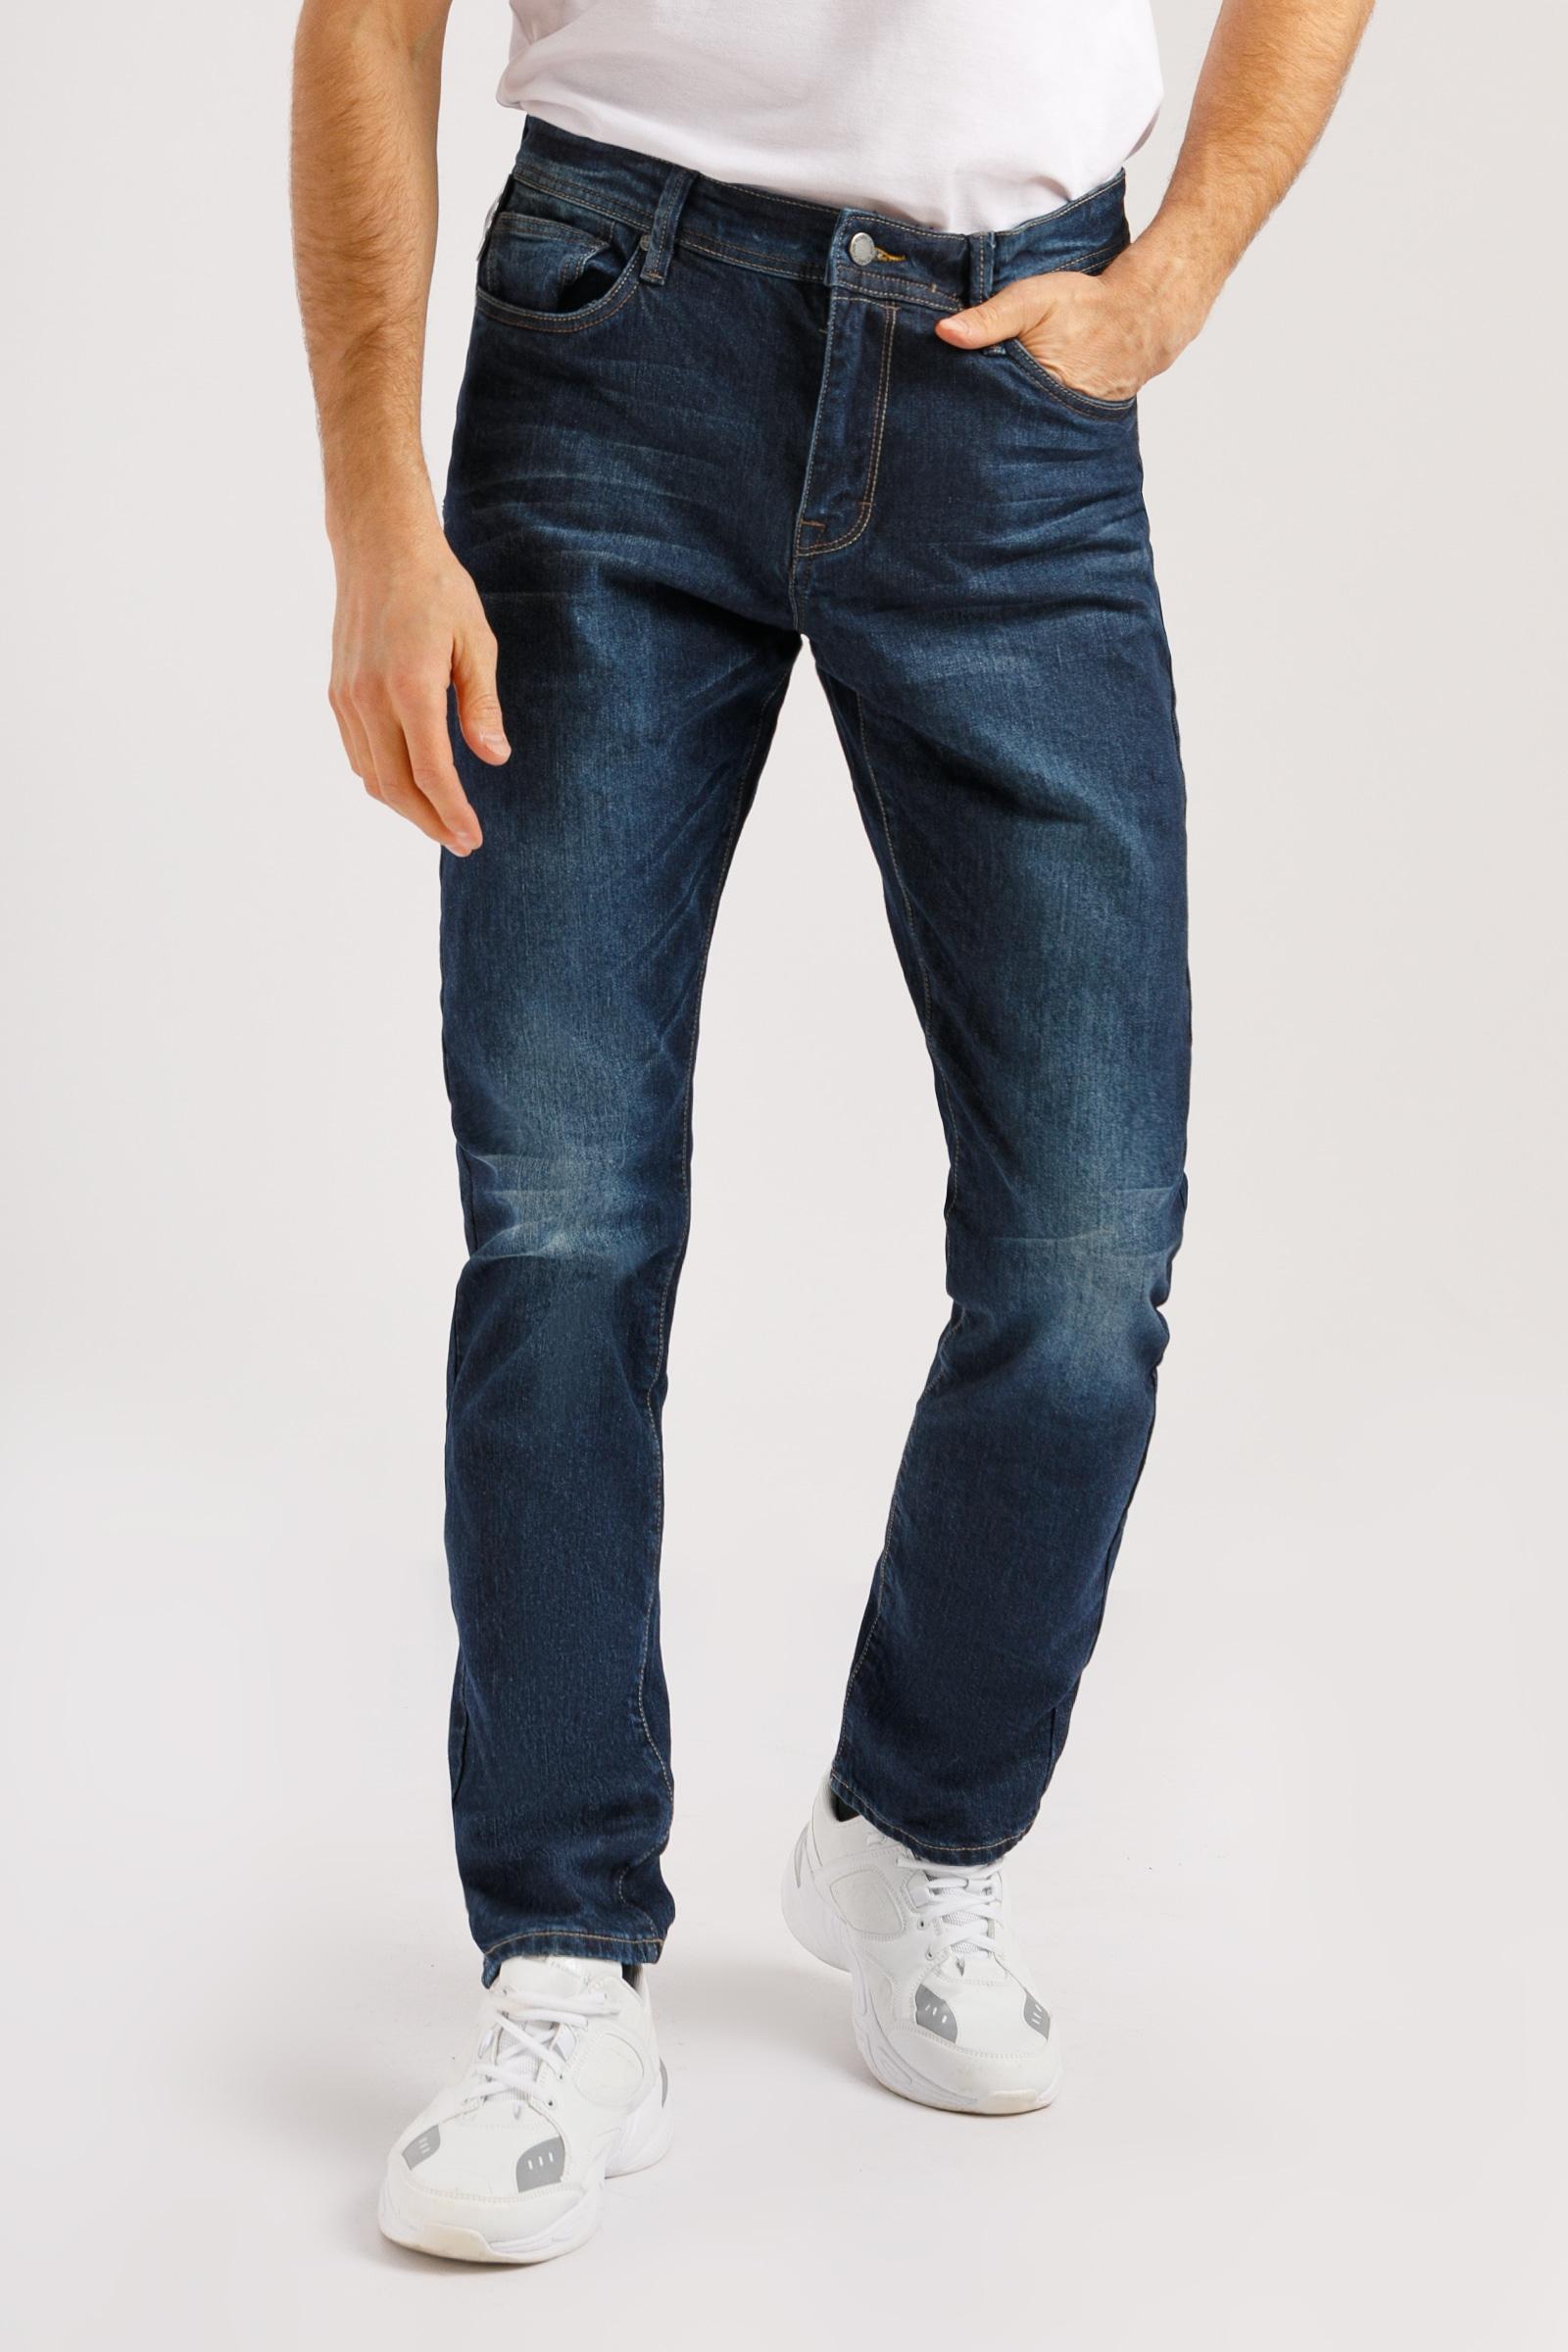 finn flare -  Bequeme Jeans, im 5-Pocket-Stil